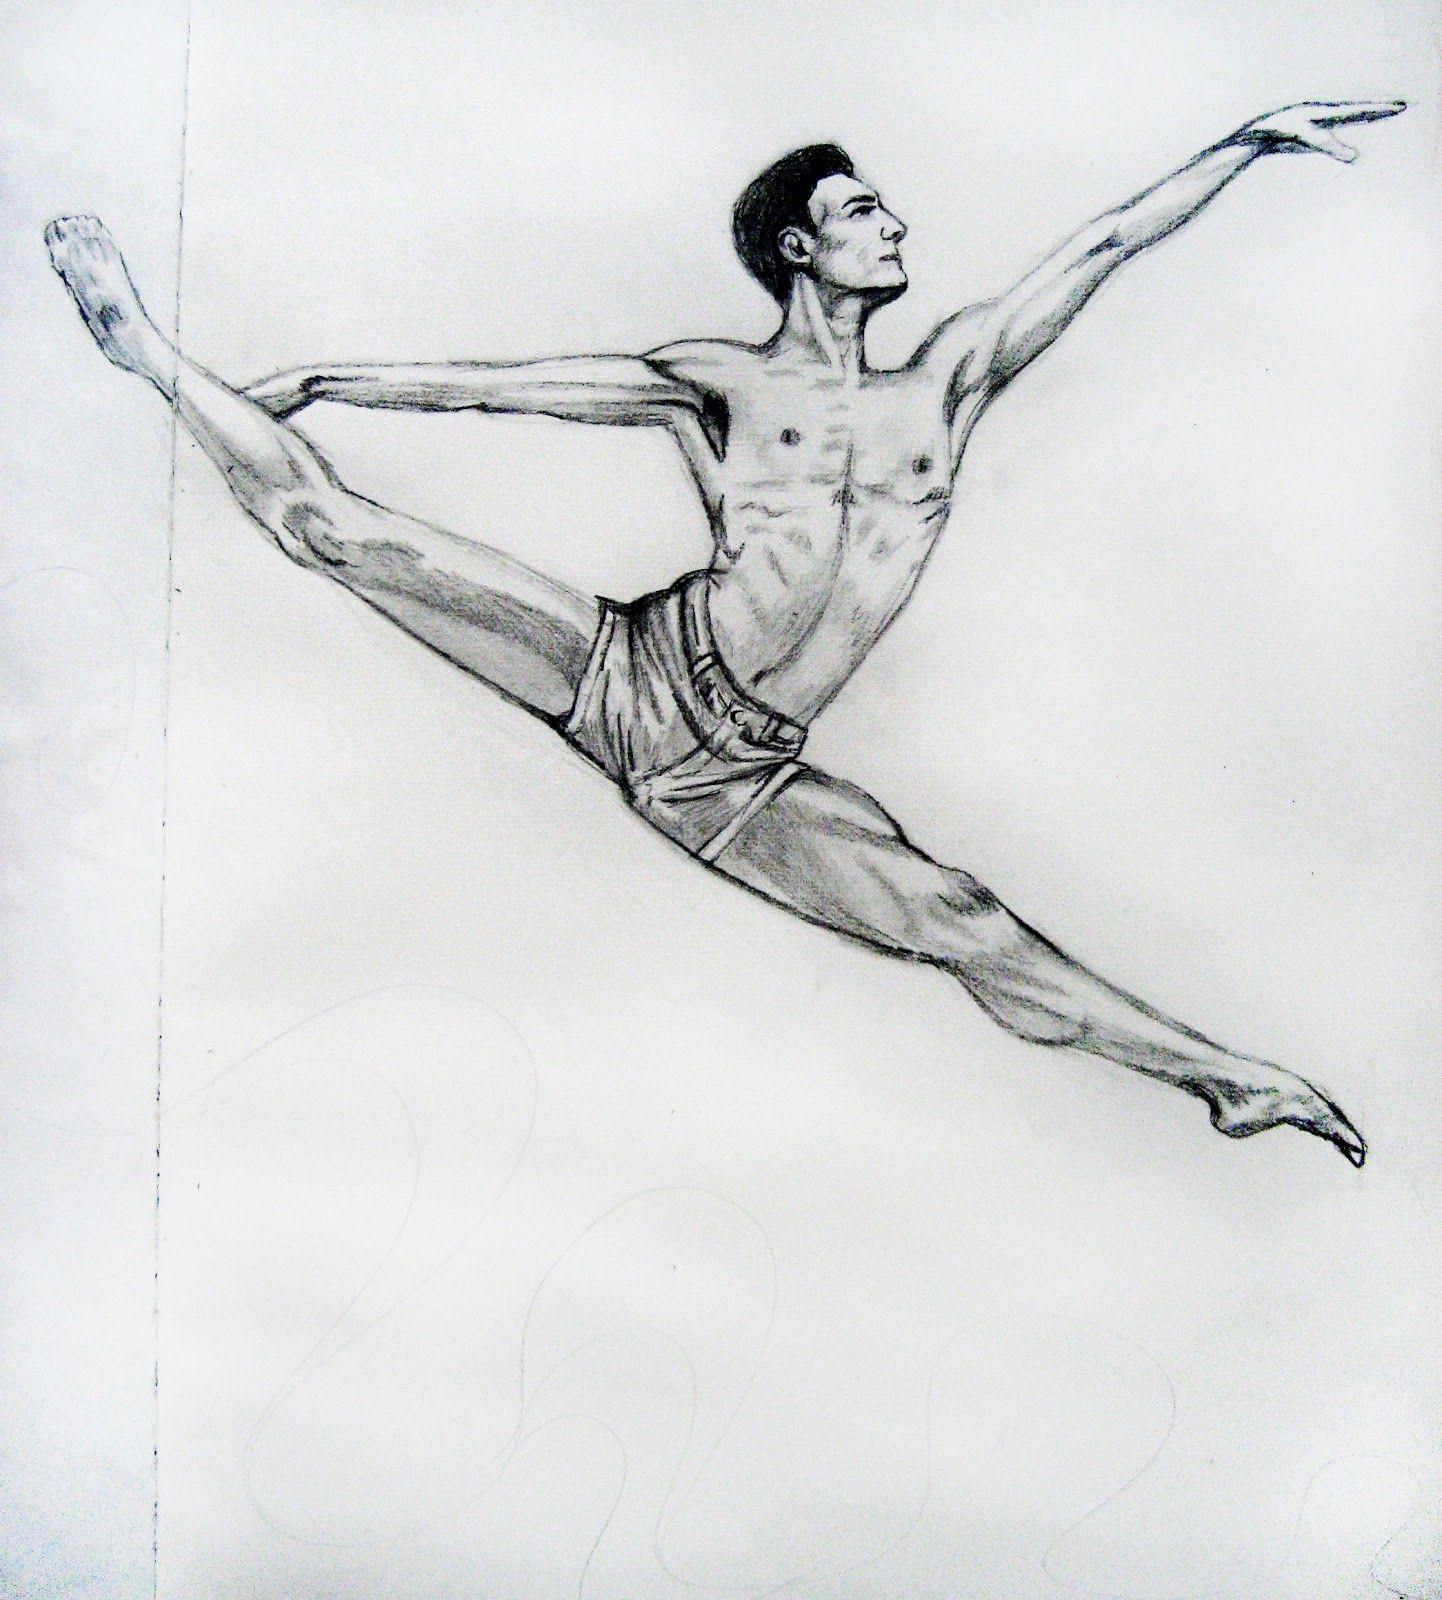 рисунок танцора в движении некая сумма, условно